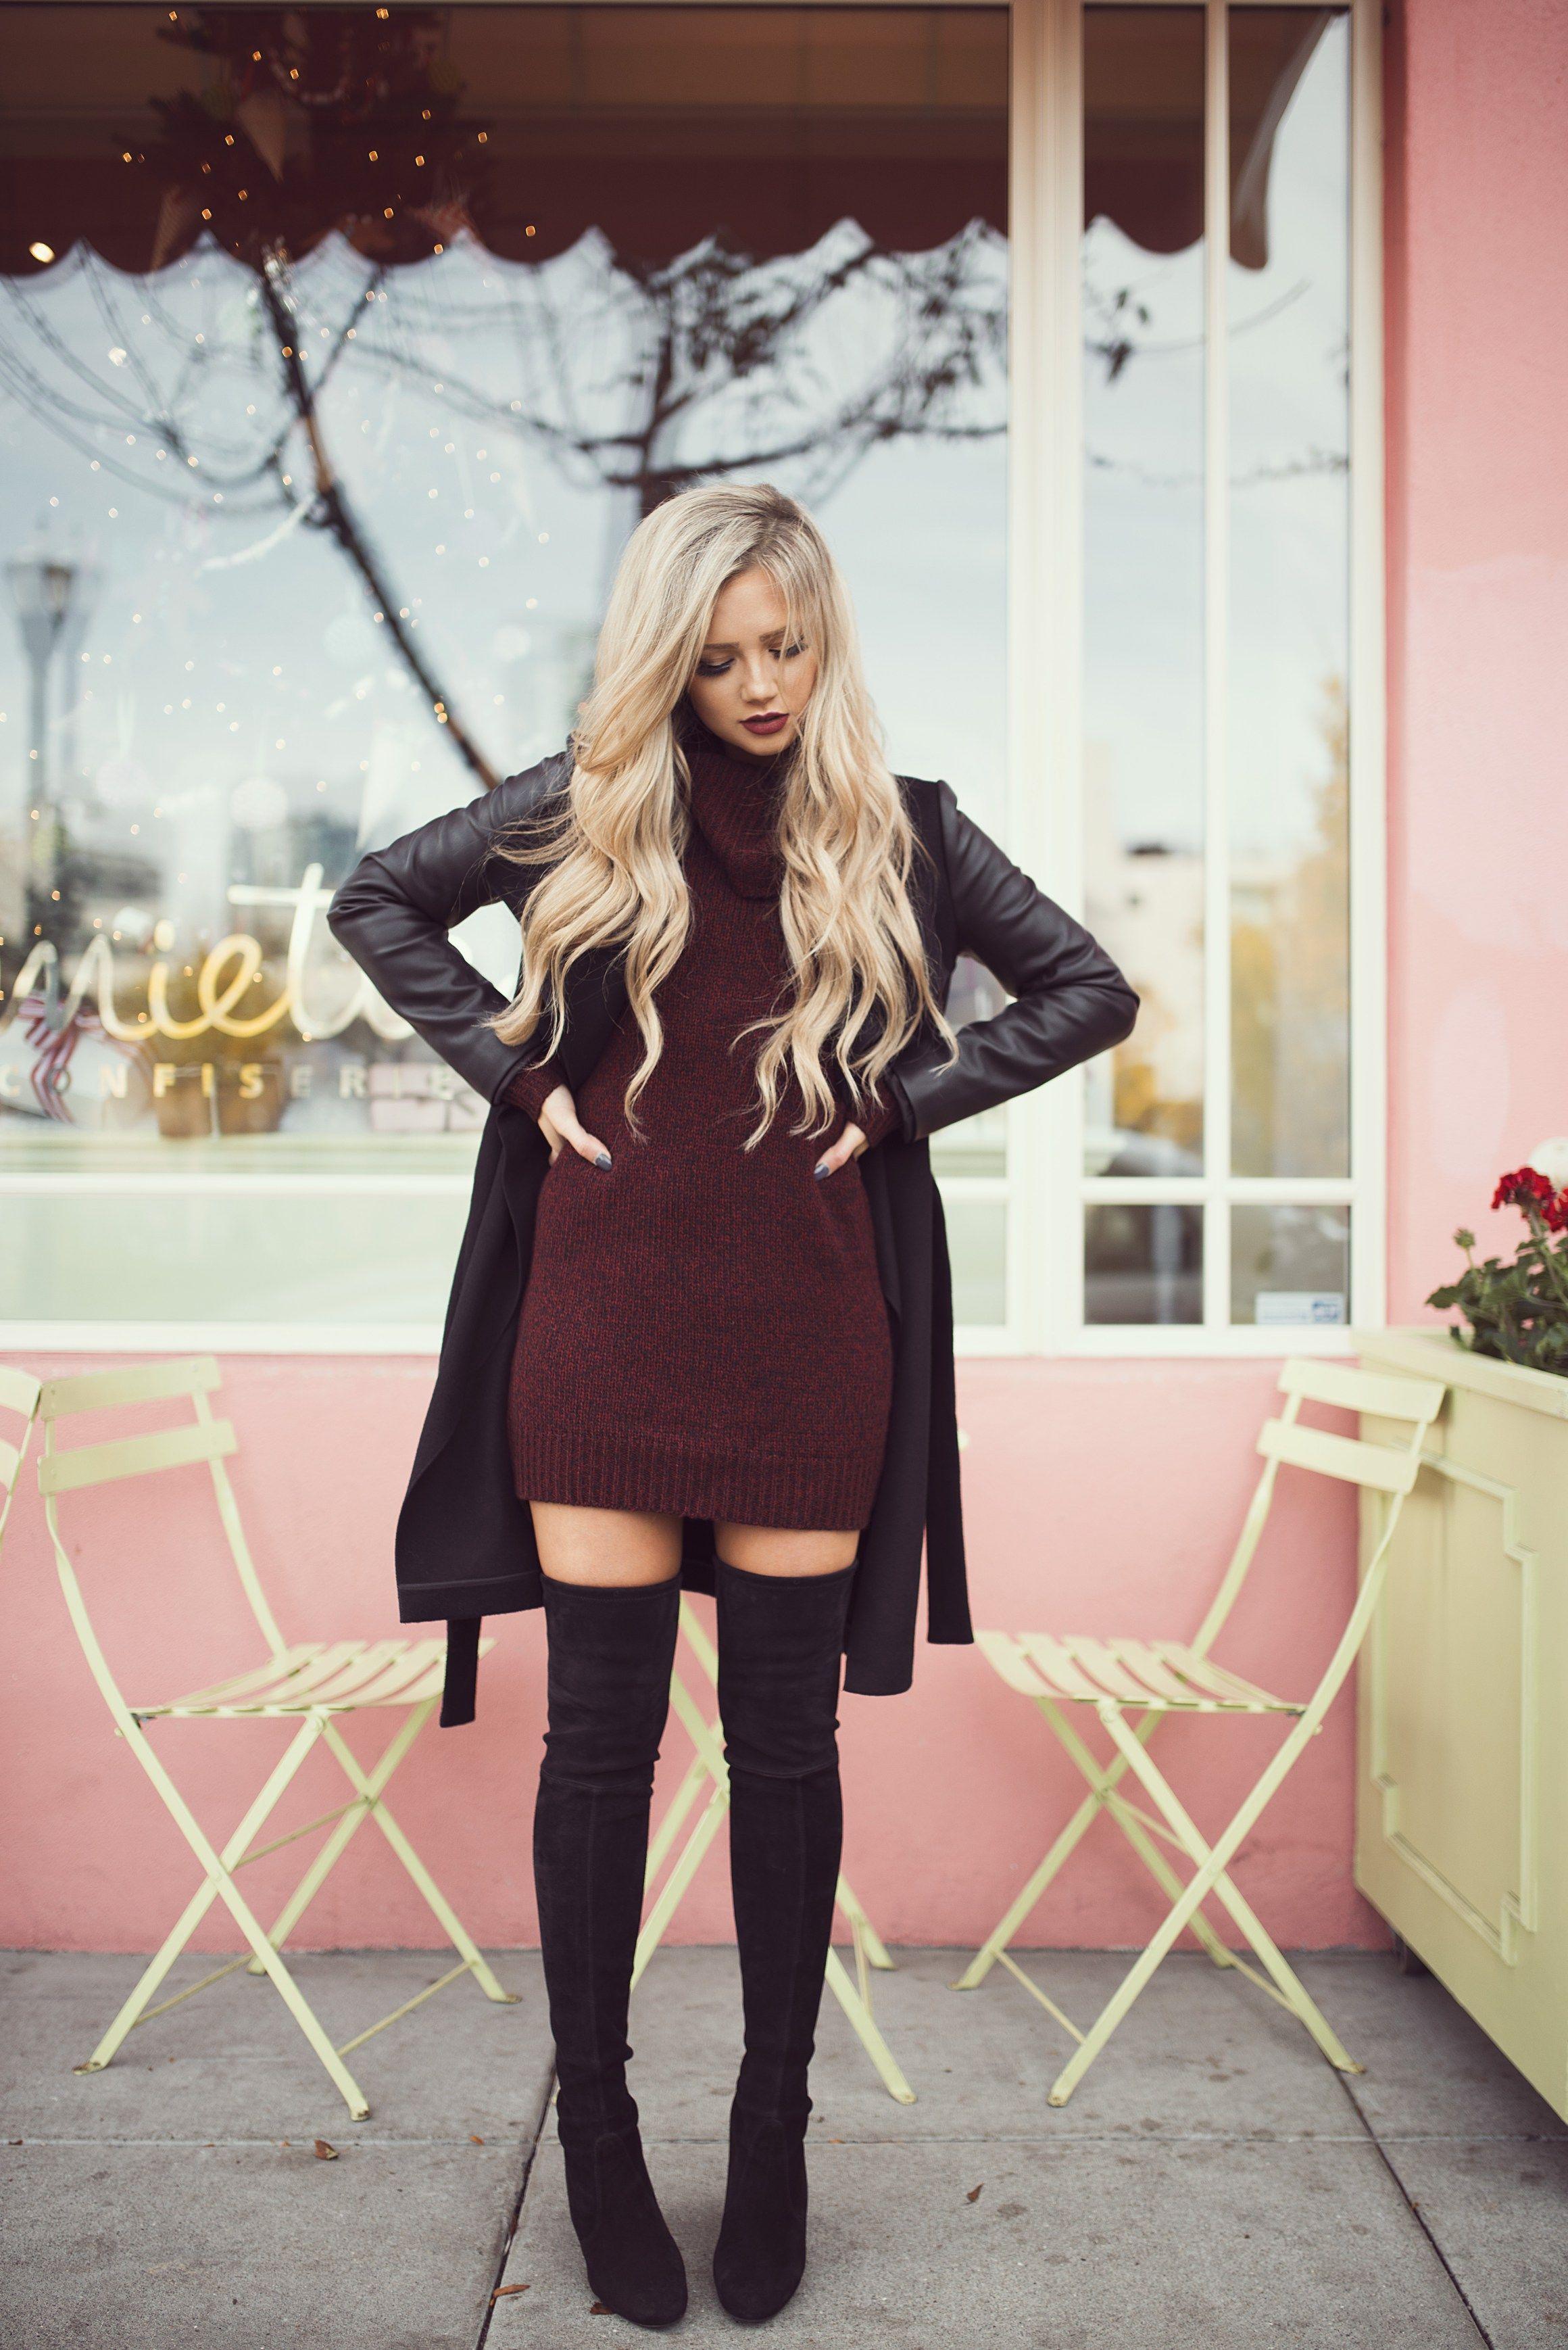 7dd554c10306 21 Cute Fall Outfit Ideas   Fashion   Fashion, Cute fall outfits ...